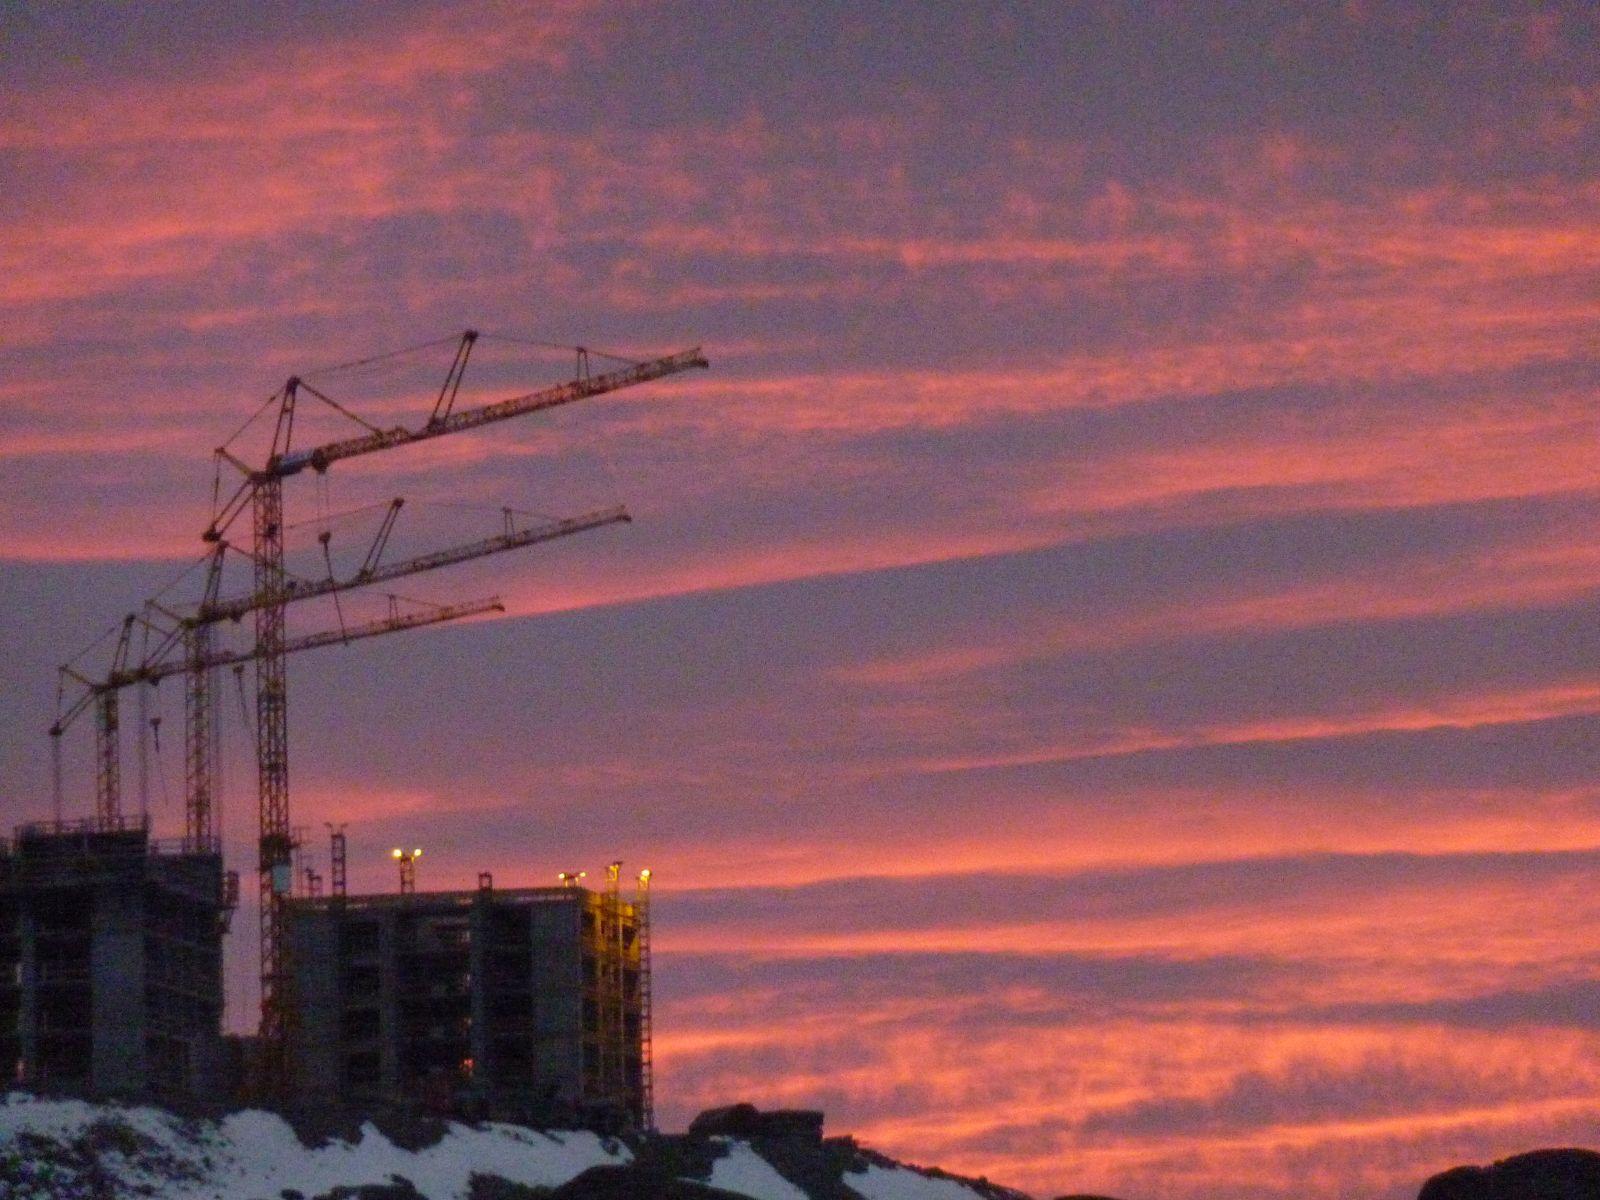 2010-12-18-1447_-_Pupik 4-102; Solnedgang; Udsigt fra altan_2